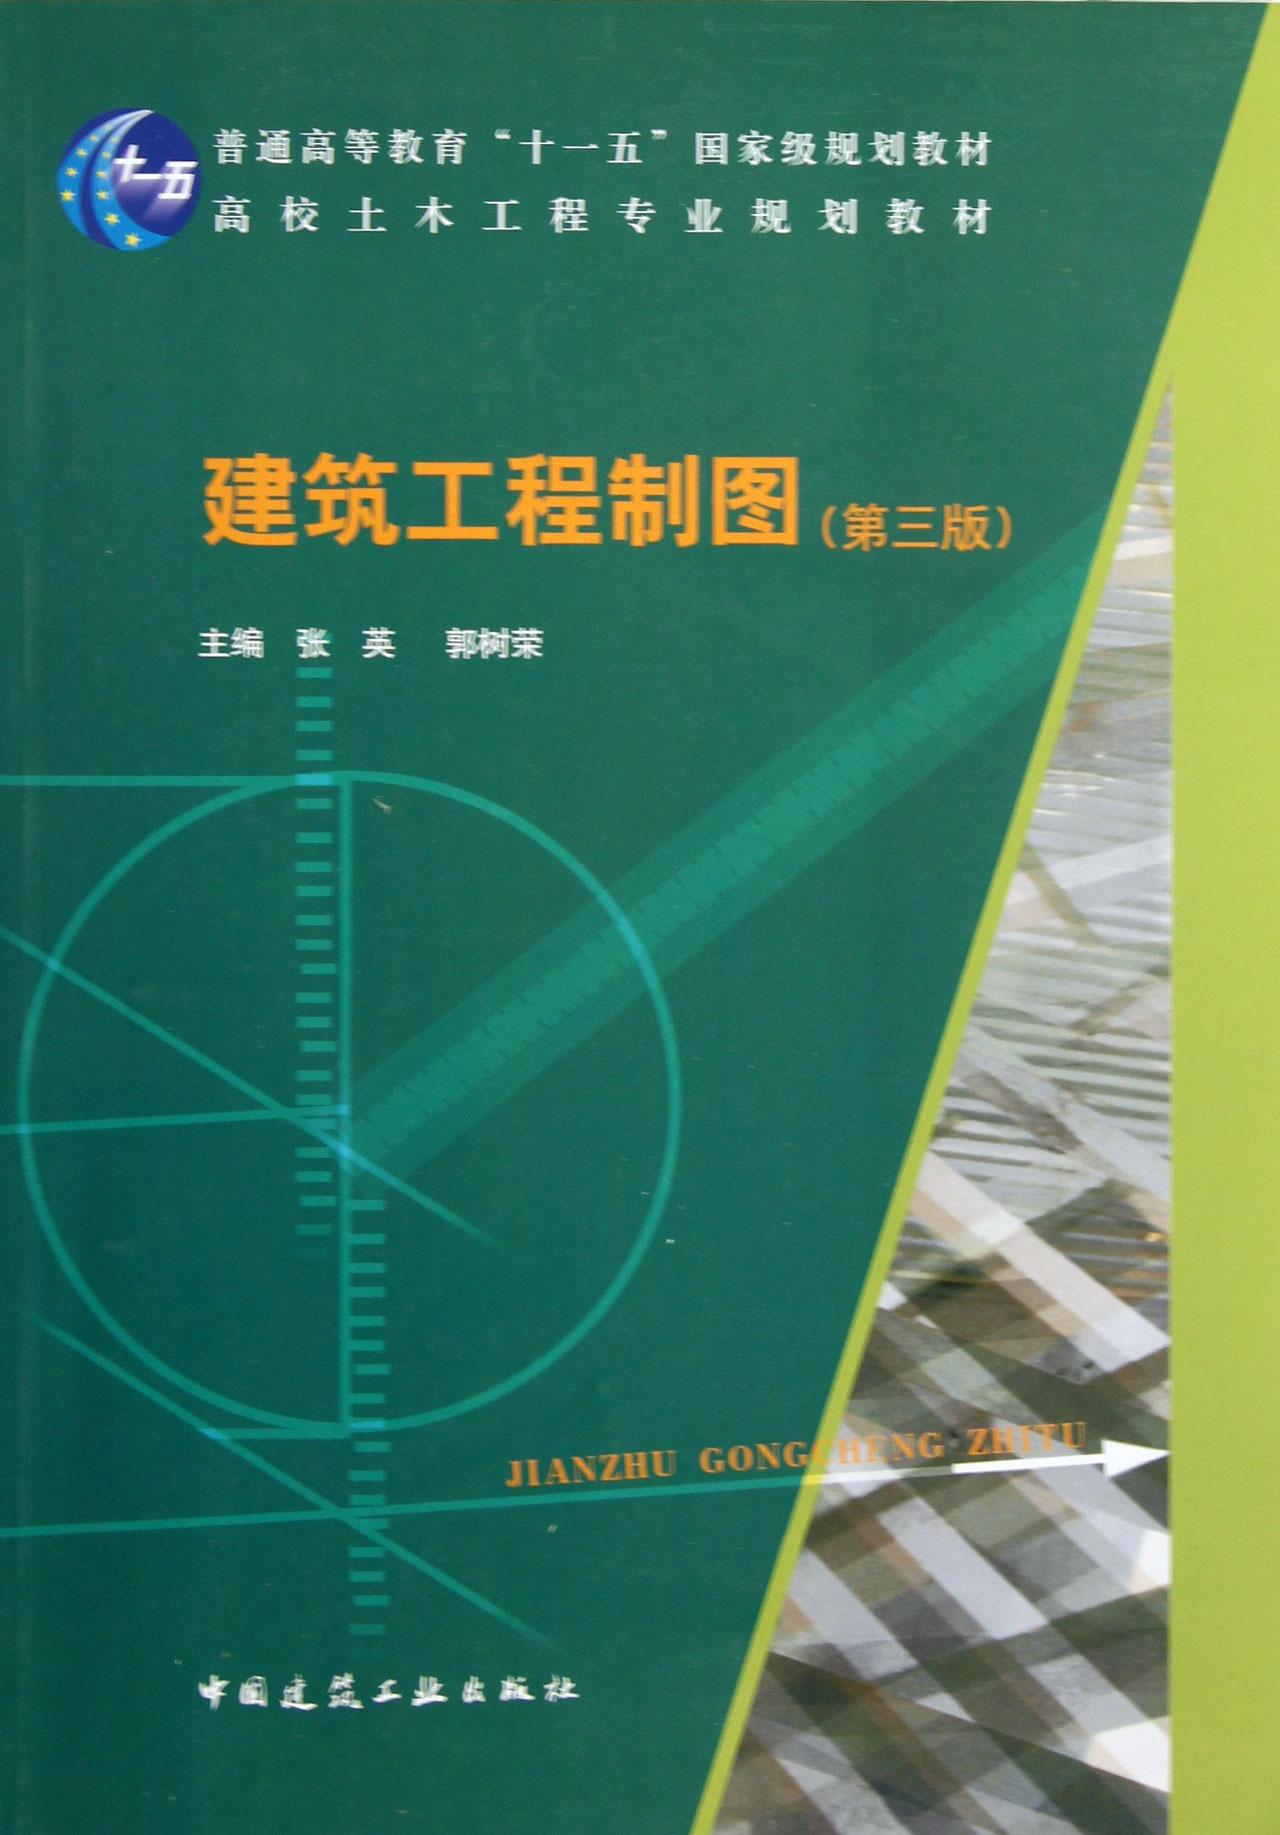 建筑工程制图(第3版高校土木工程专业规划教材)